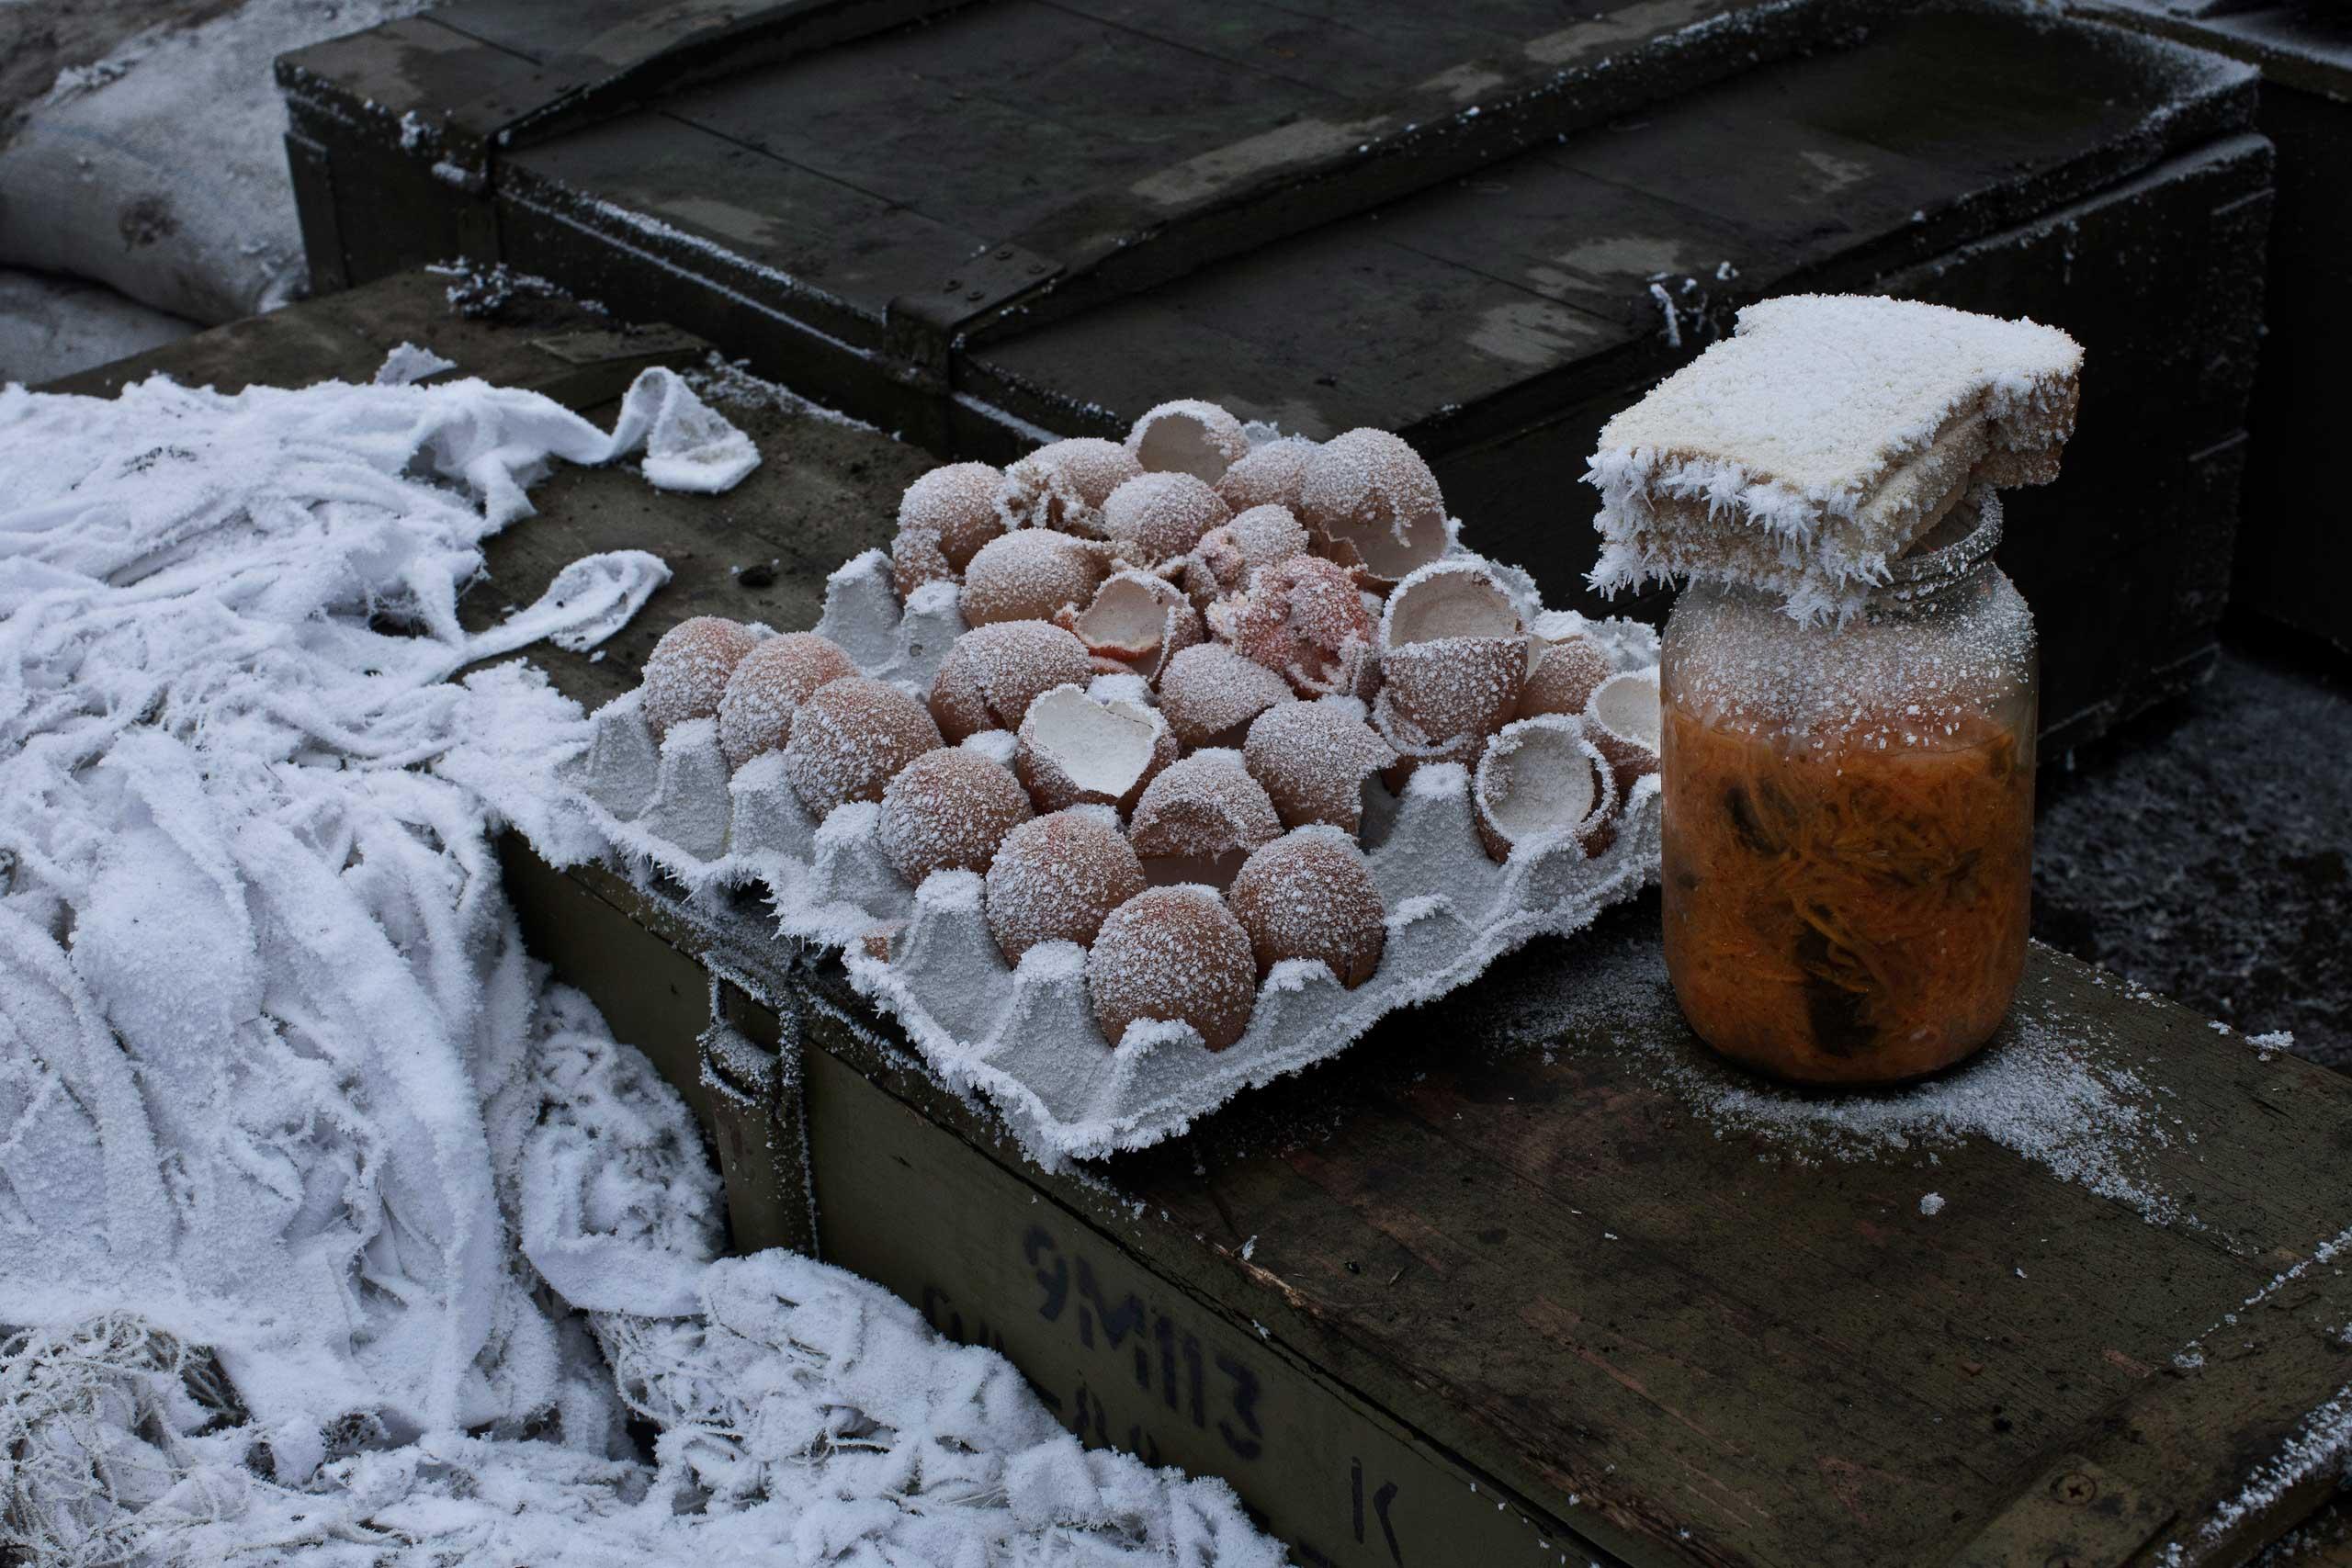 Freezing weather has left food frozen, in Artemivsk, Ukraine, Feb. 15, 2015.